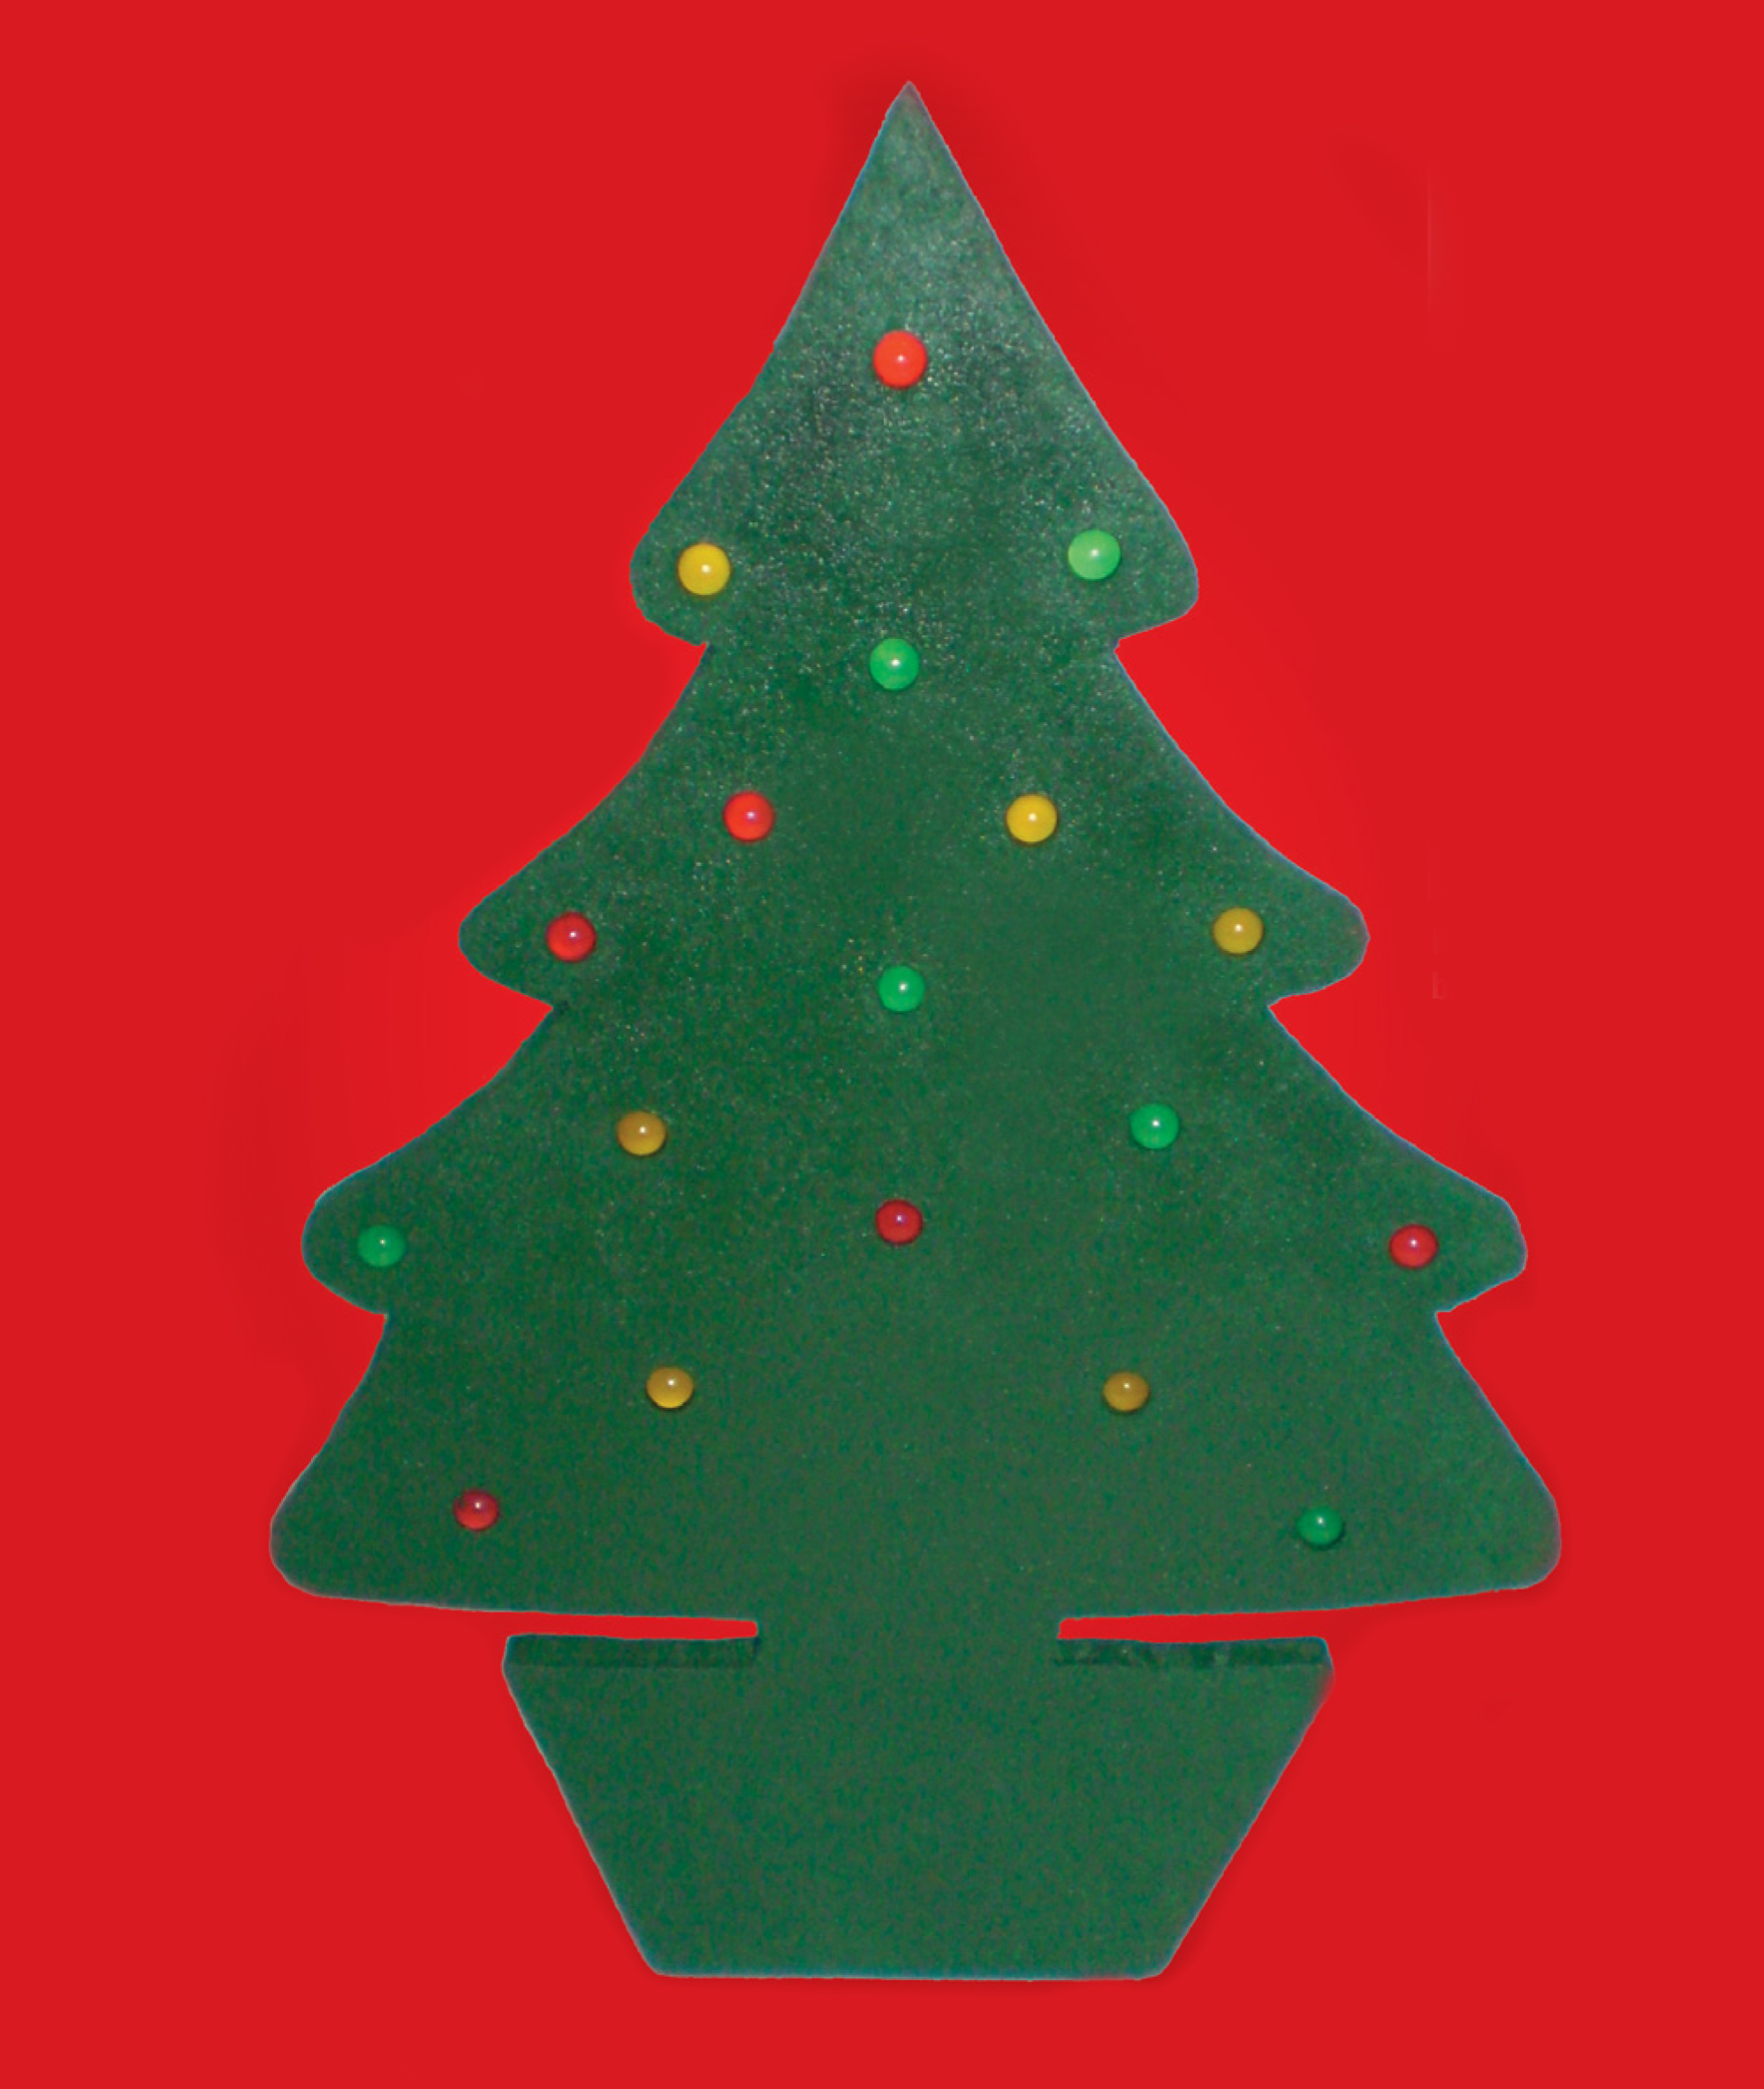 Lights, music, Christmas!